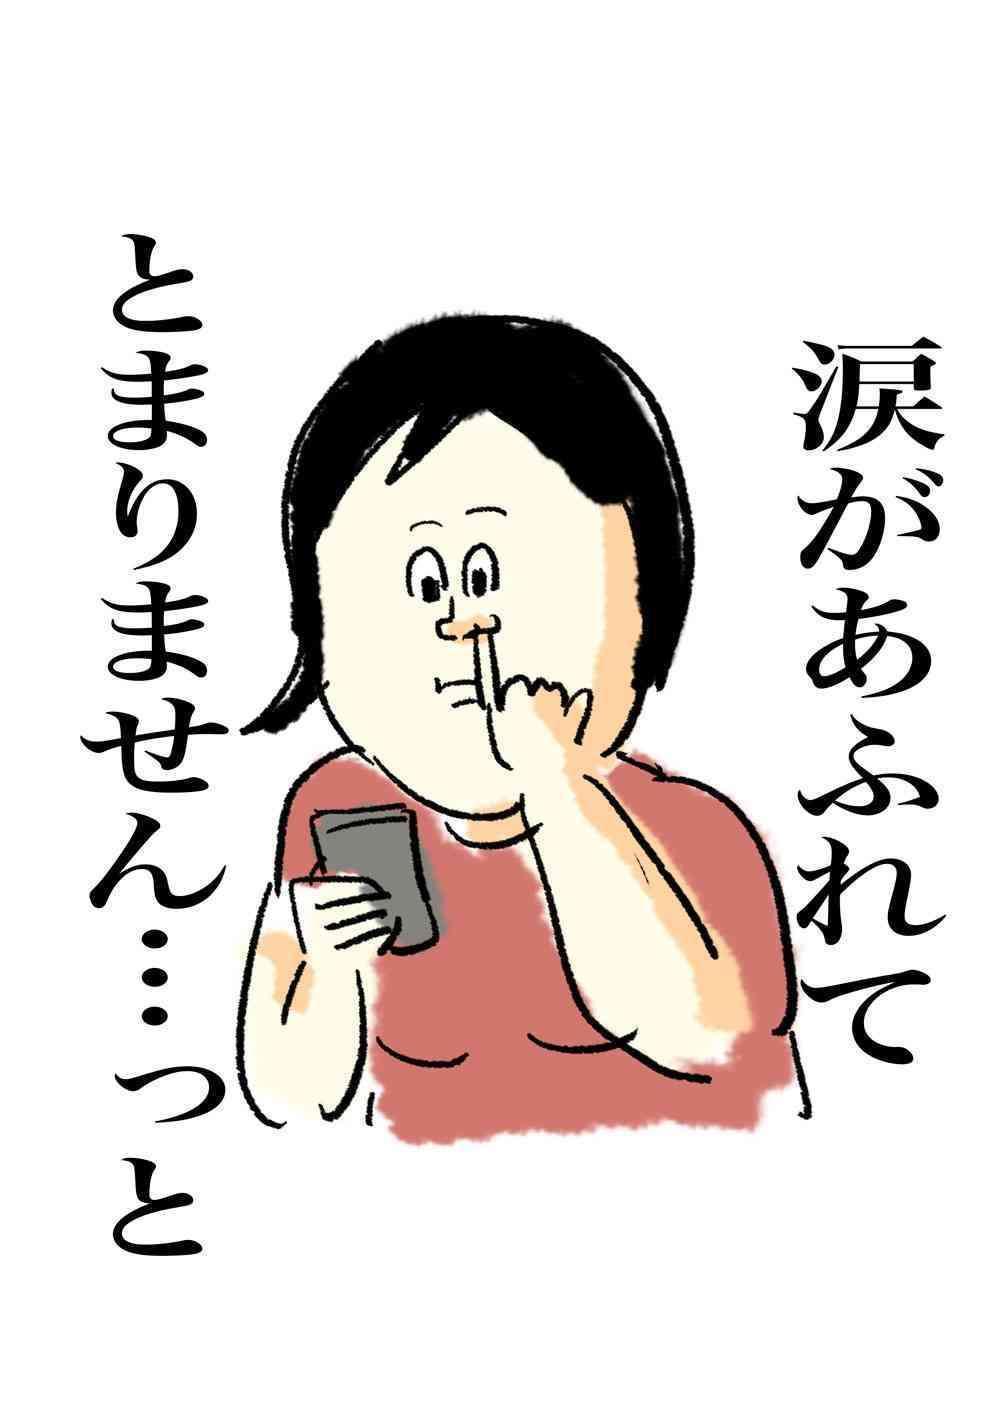 浜崎あゆみ 急性気管支炎で急きょ仙台公演中止 「言葉になりません」と謝罪